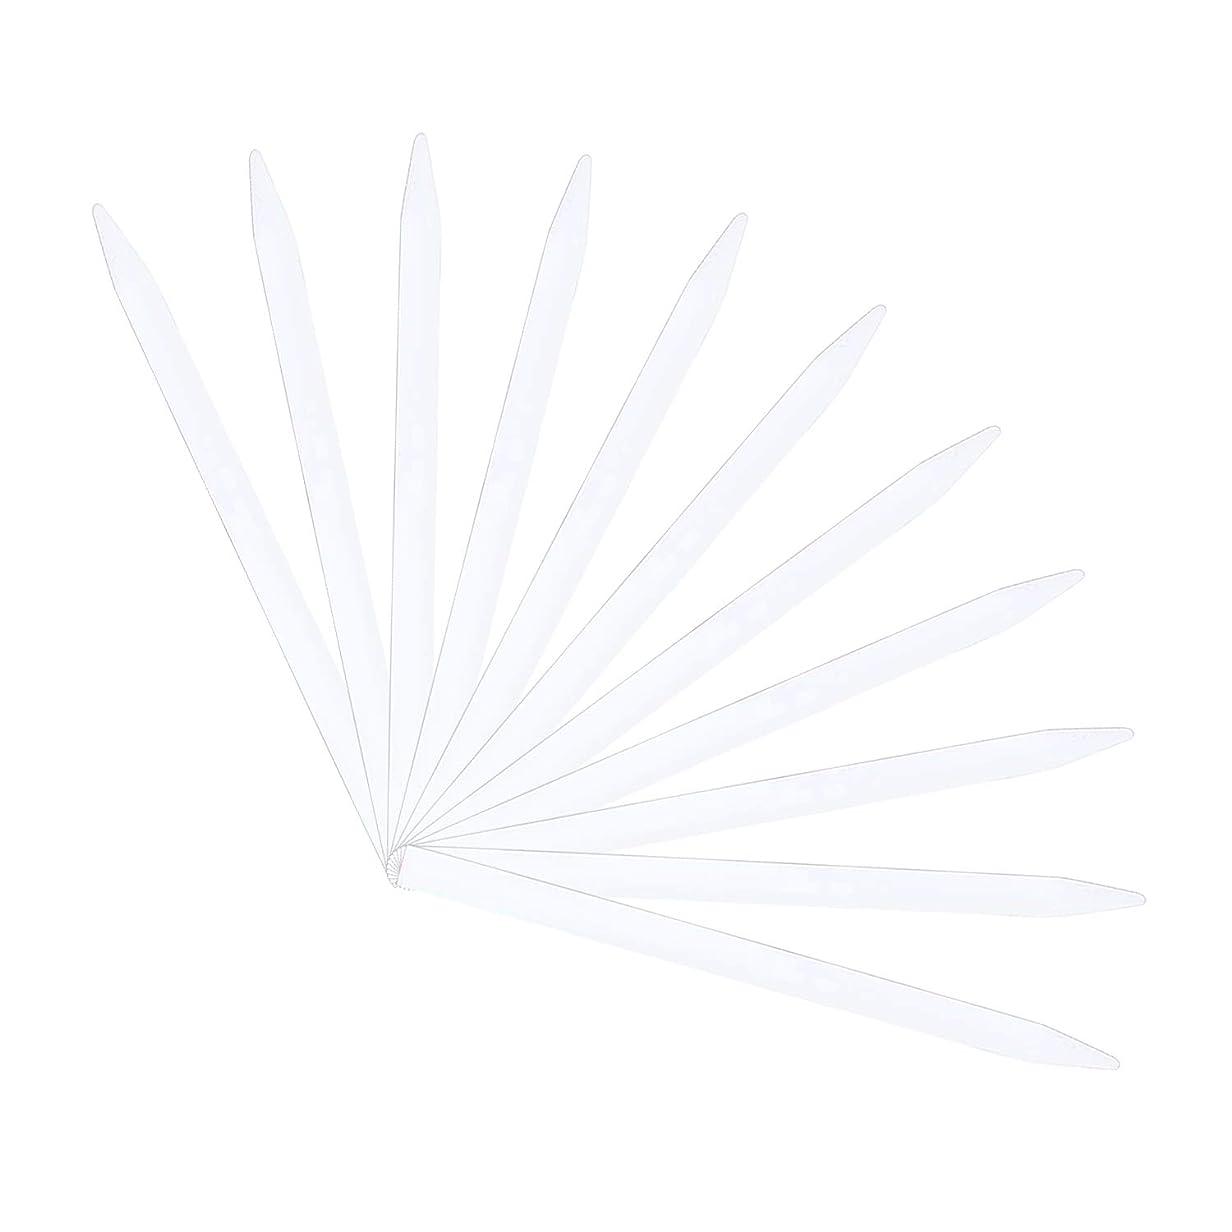 愛情深い指導する尾ストリップテスト Migavan テストストリップ 香りのアロマセラピーエッセンシャルオイルをテストするための300個の137×7ミリメートルの香水試験紙ストリップ